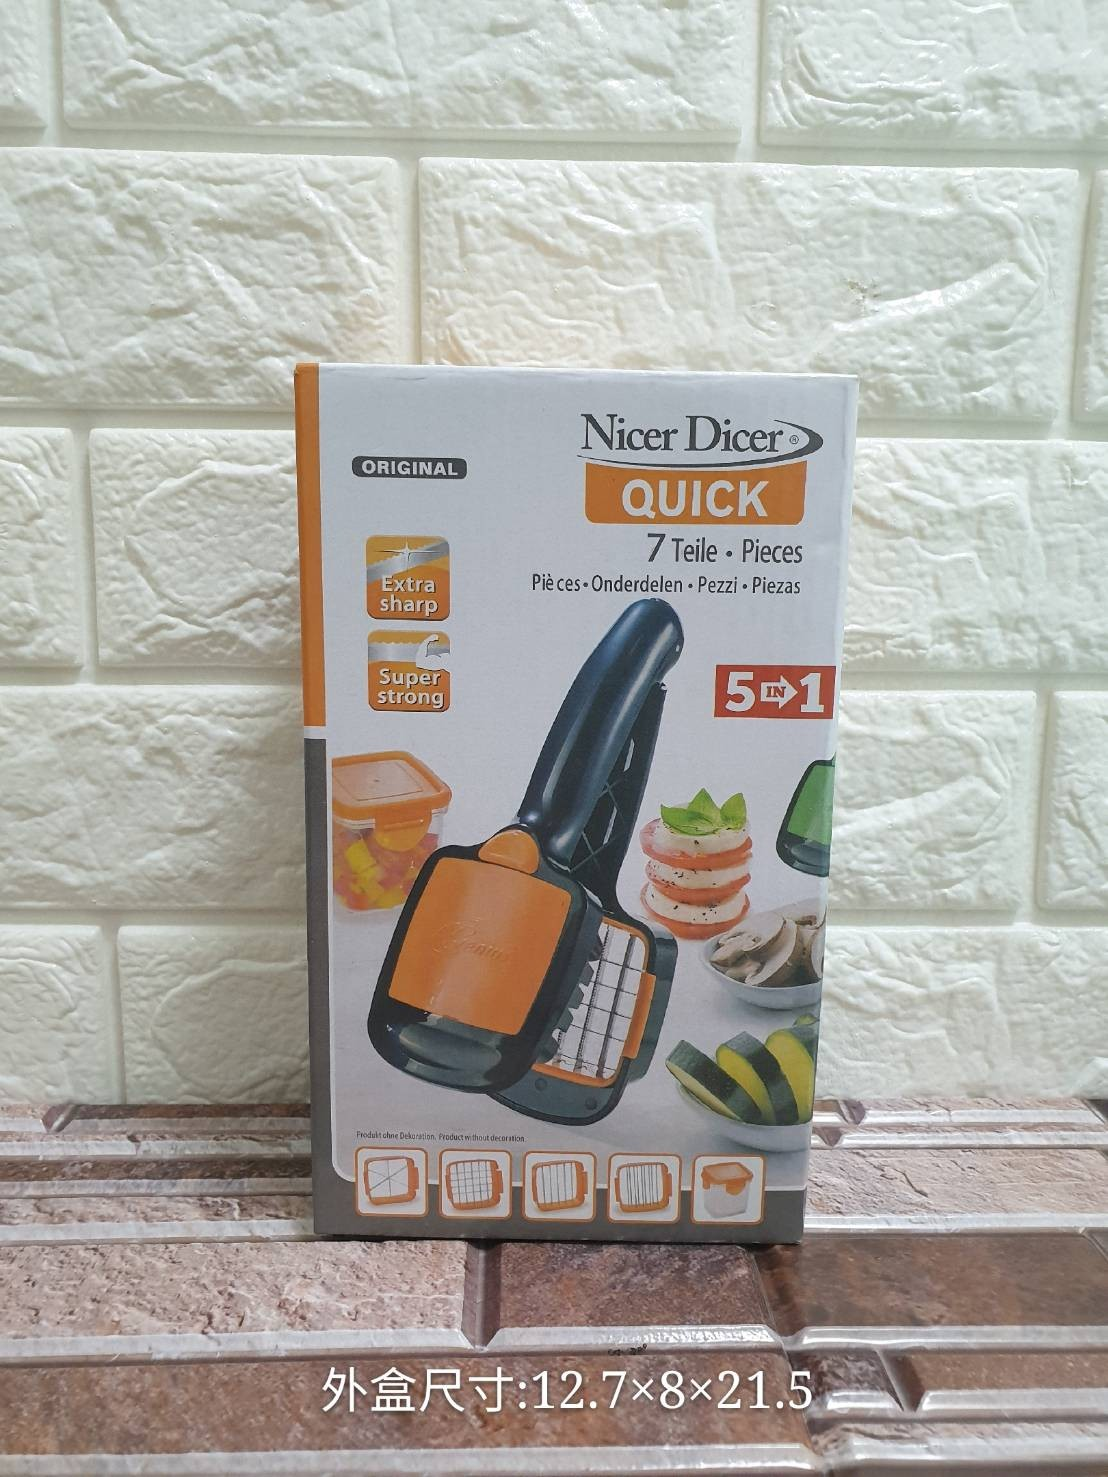 五合一切割料理器 手壓式切菜板 方便安全 輕鬆搞定不費力 家中不可或缺的廚房好幫手